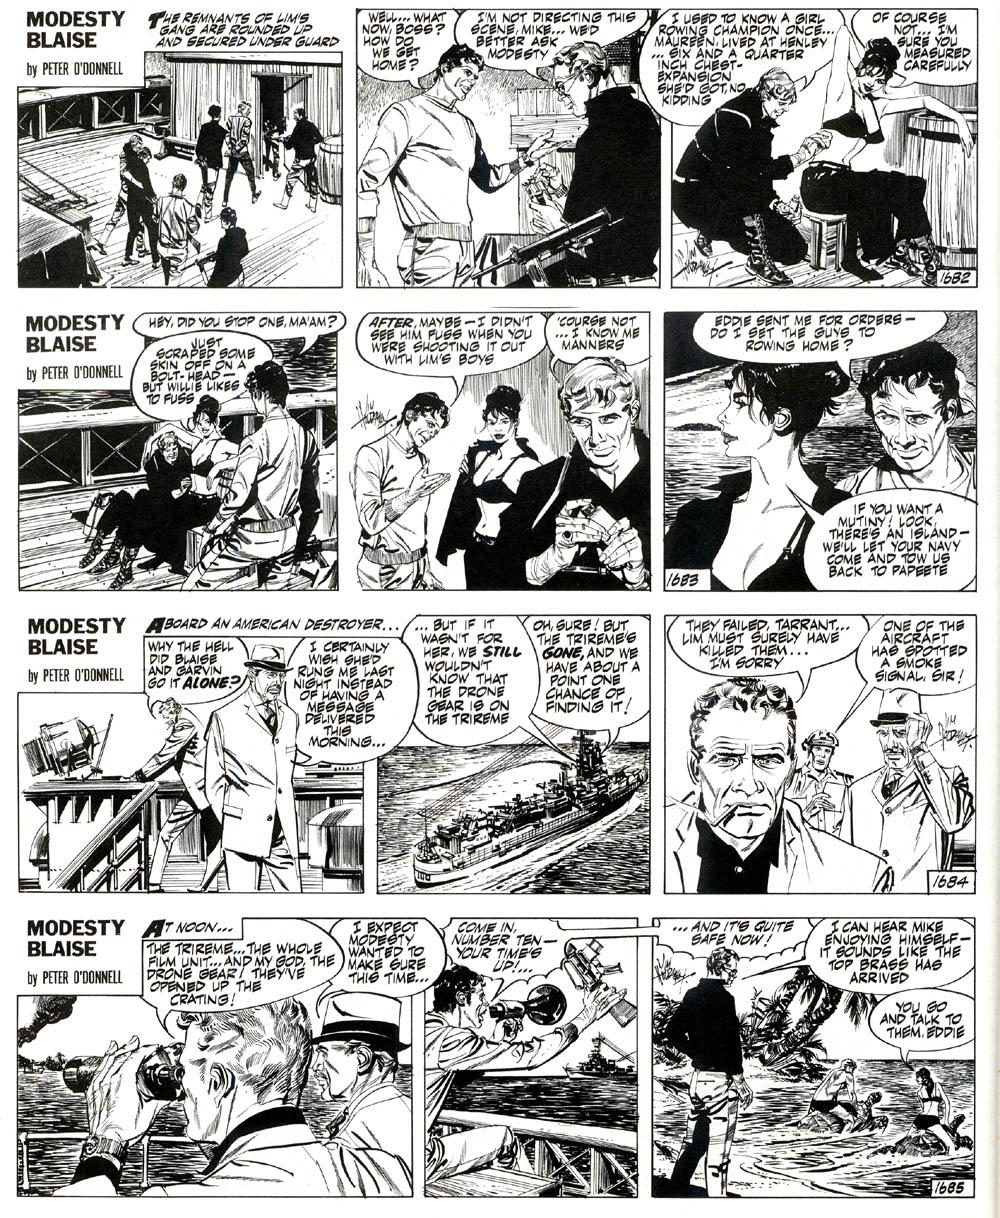 modesty-blaise-comic-strip